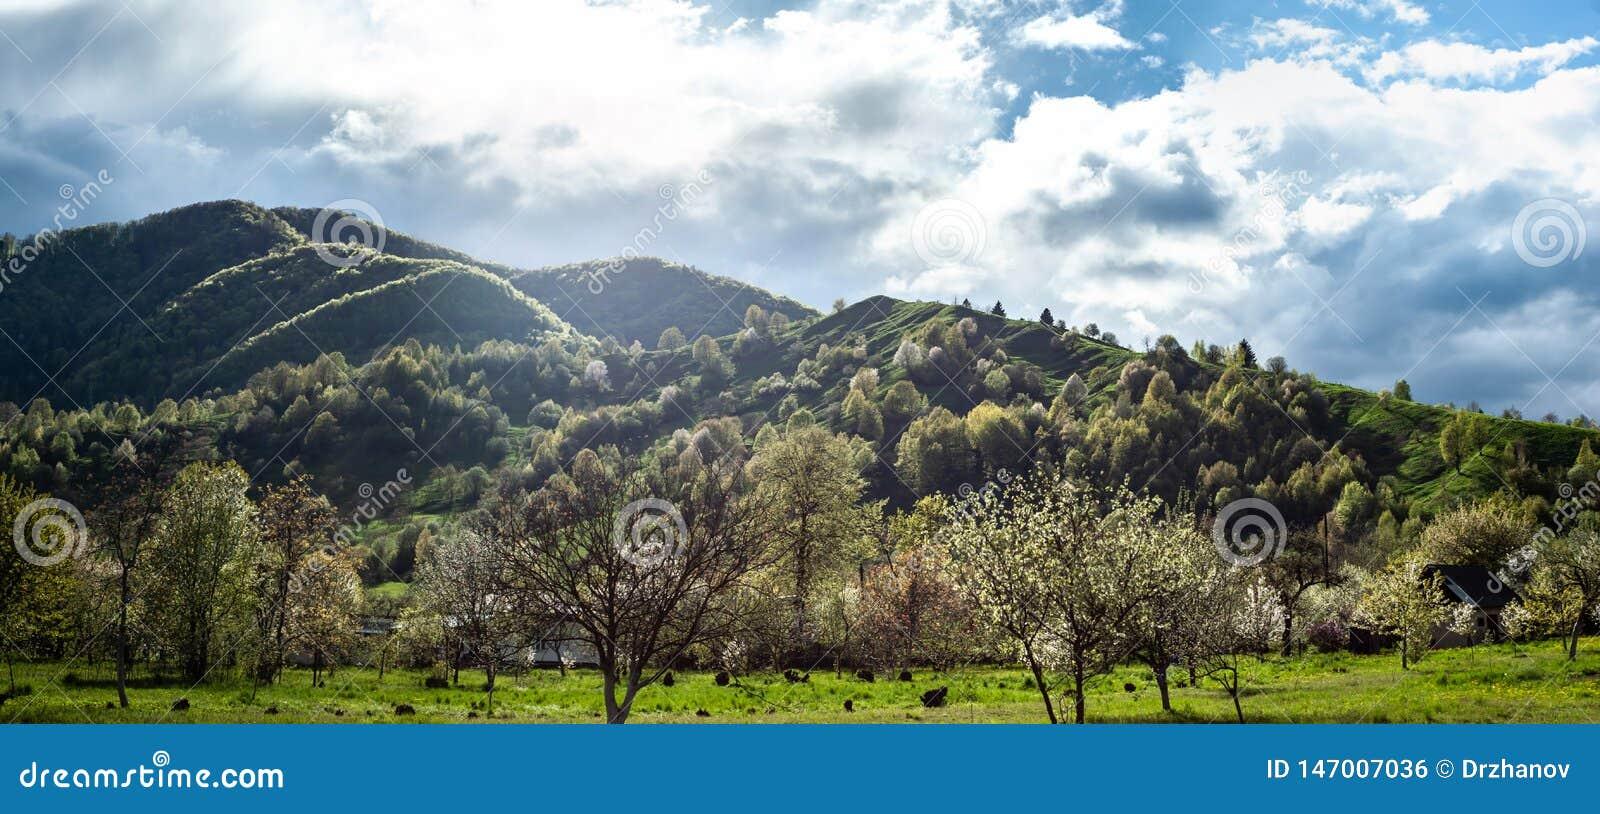 Sl?ende landskap med gr?nt gr?s, kullar och tr?d, soligt v?der, molnig himmel